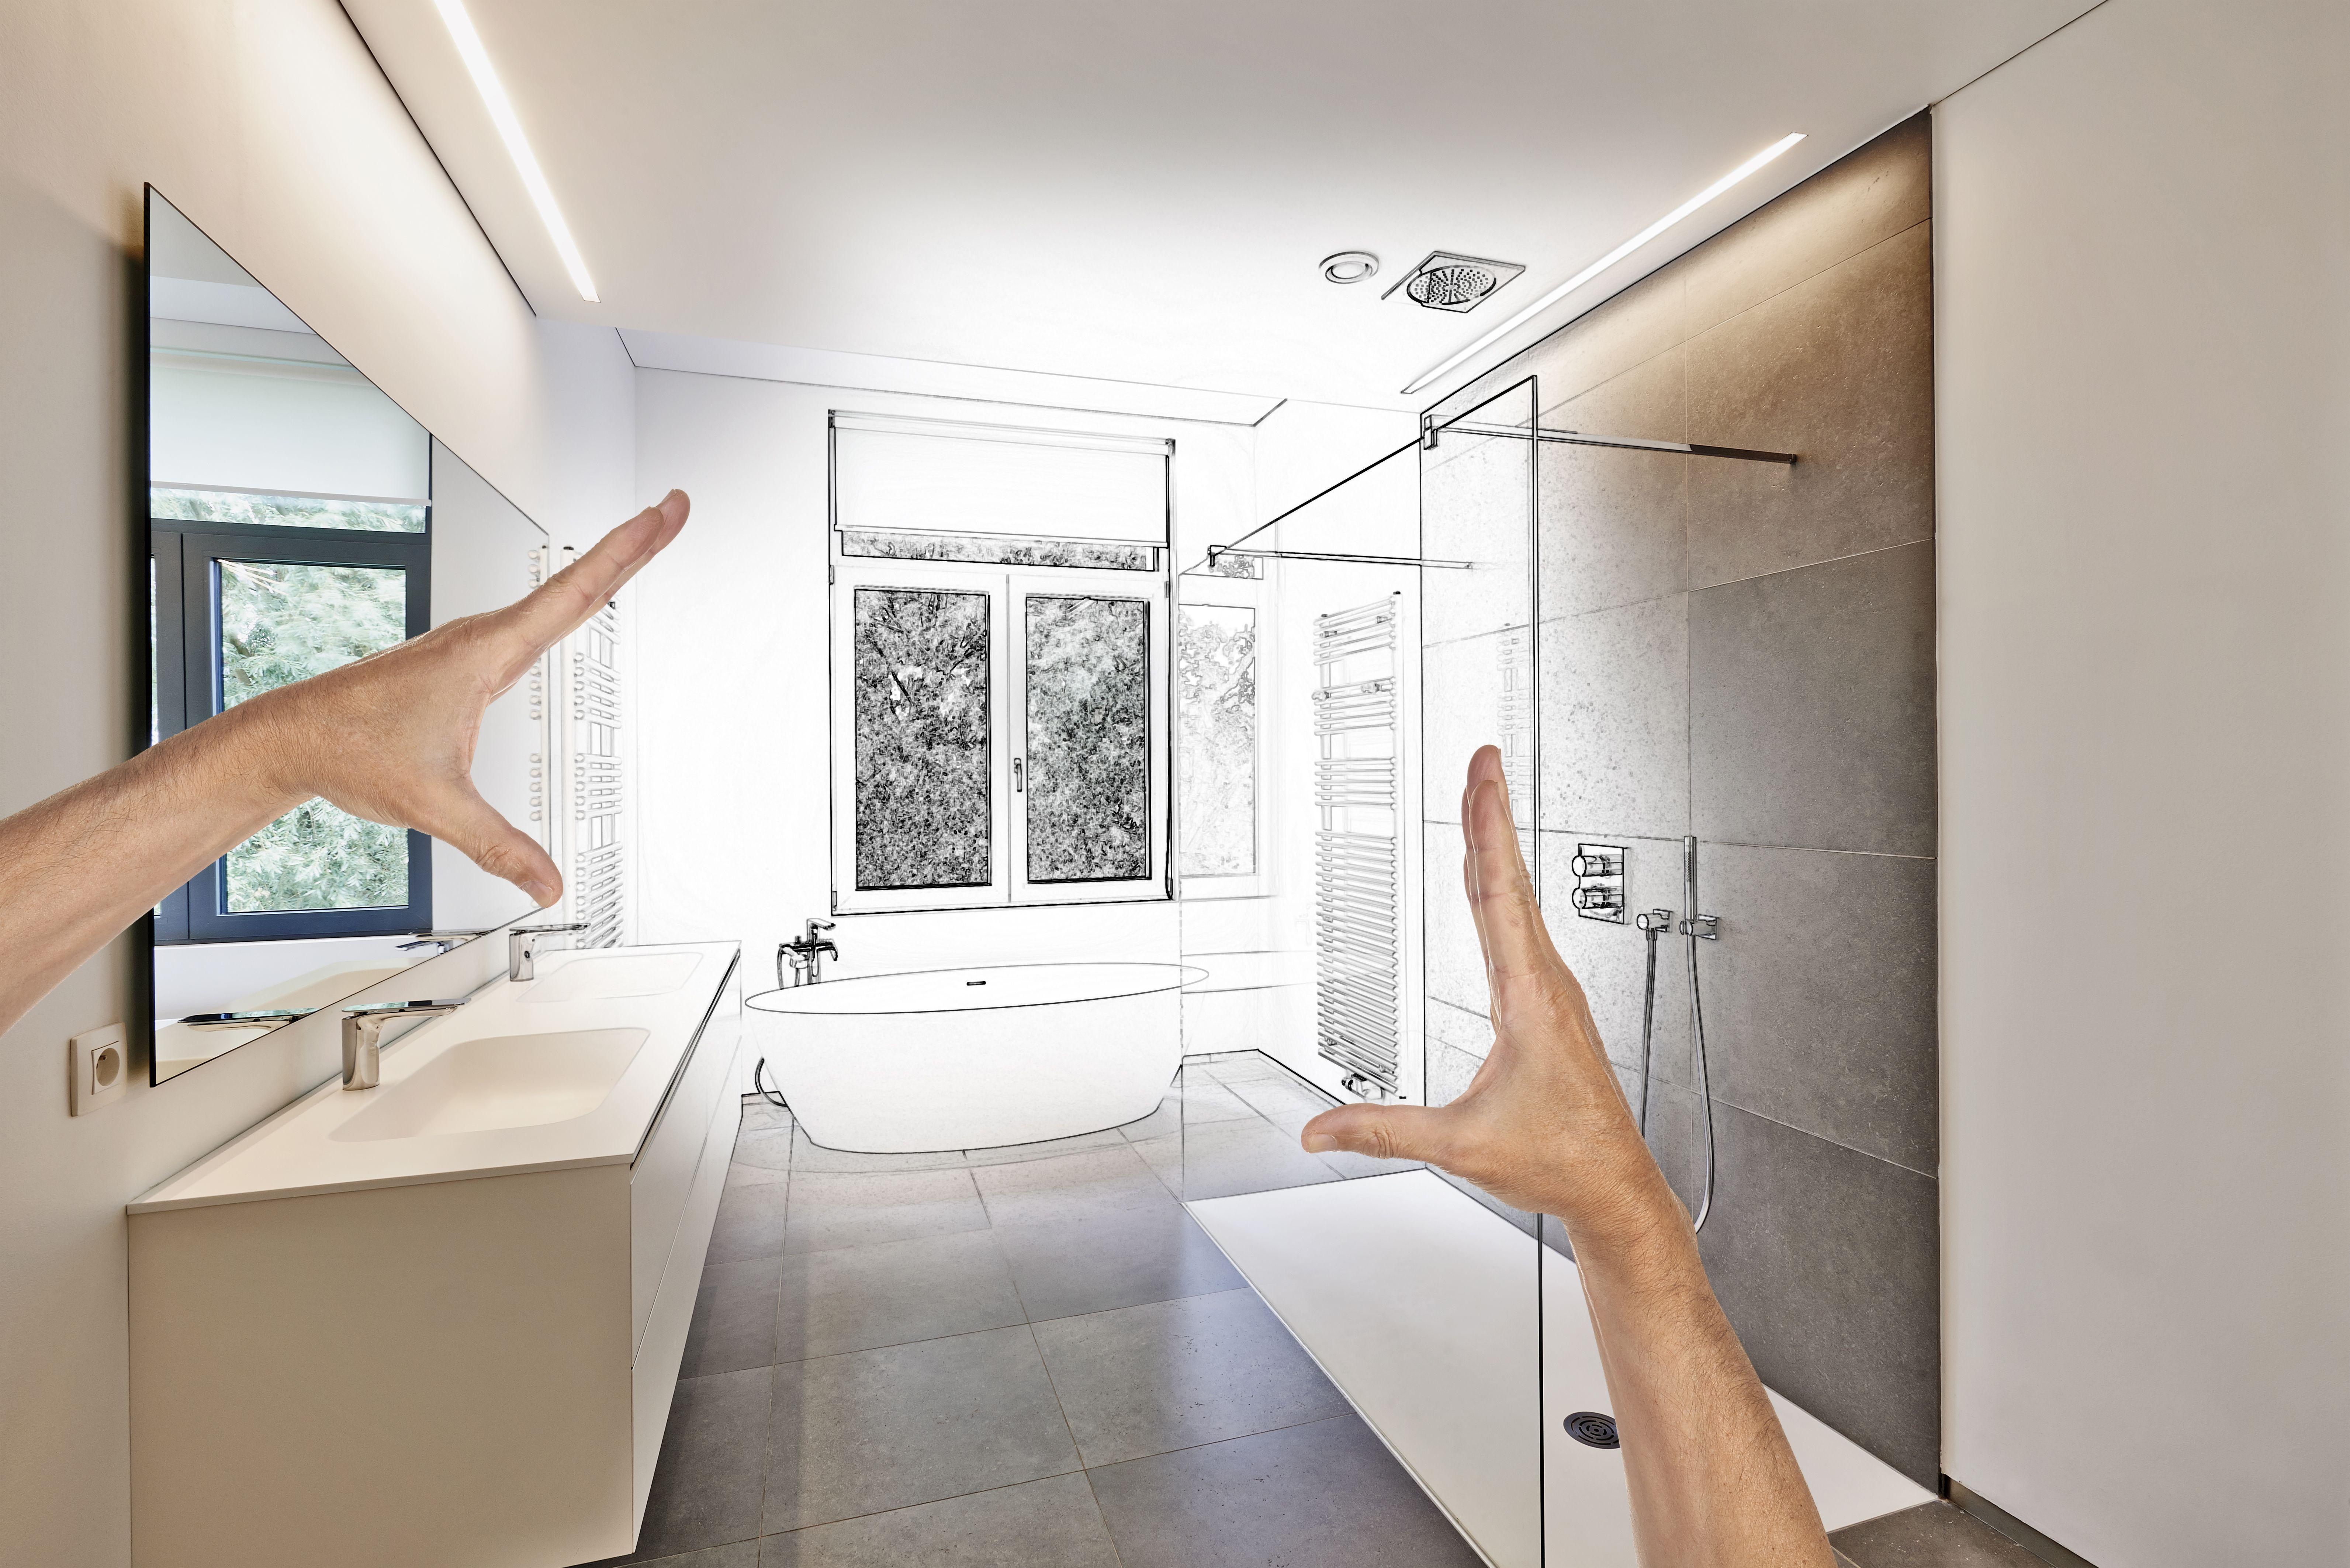 Badezimmer planen und gestalten   Badezimmer planen ...